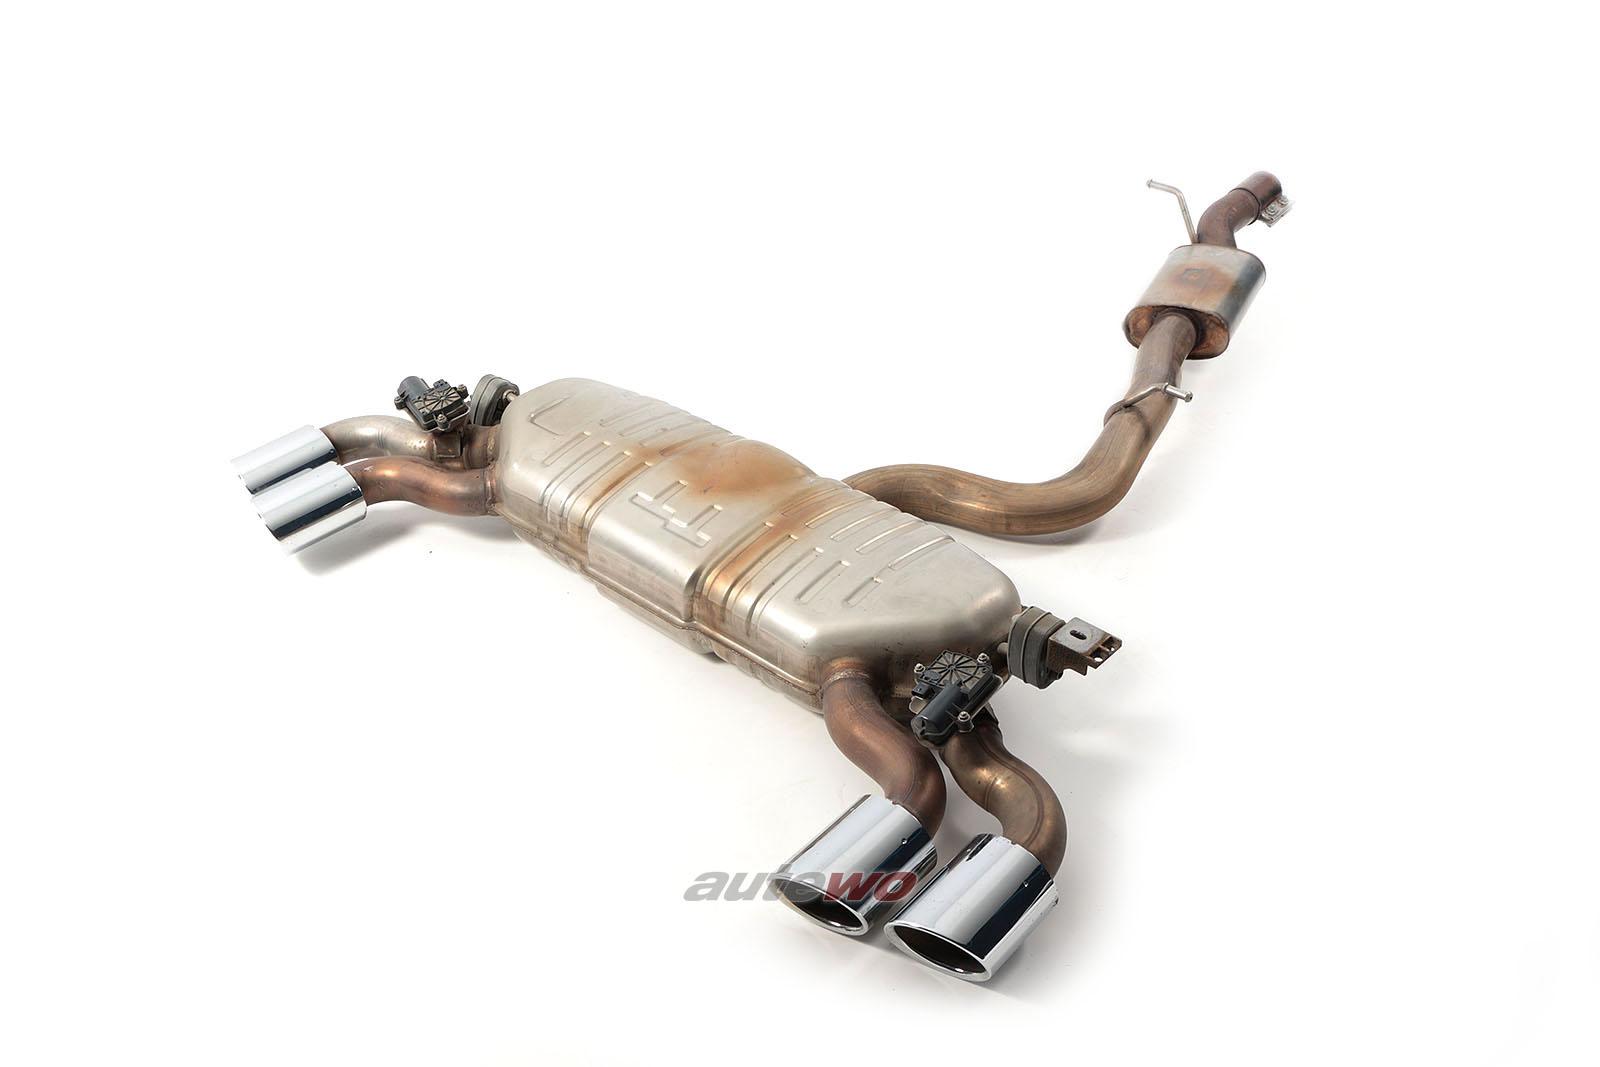 8S0253411A/8S0253611F Audi TTS 8S 2.0l TFSI Abgasanlage komplett